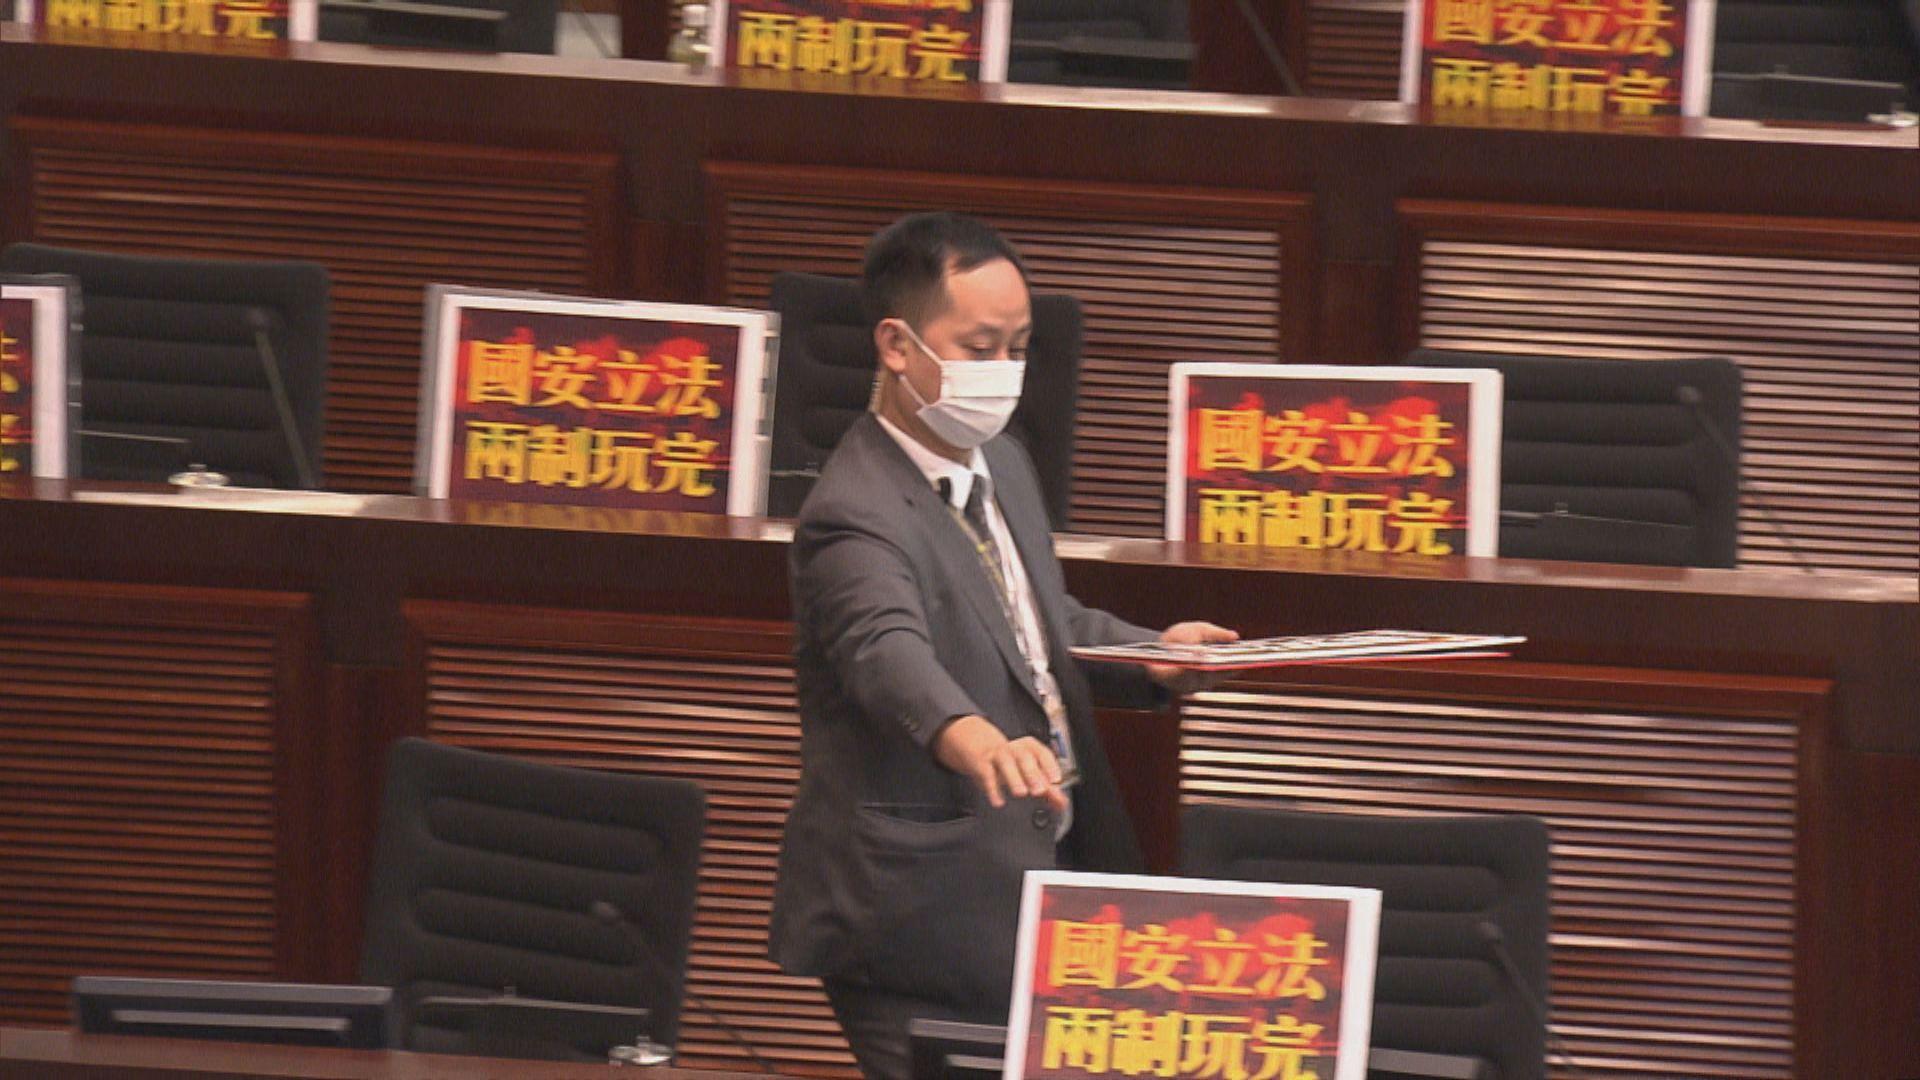 立法會內會無民主派出席 座位放反國安法標語